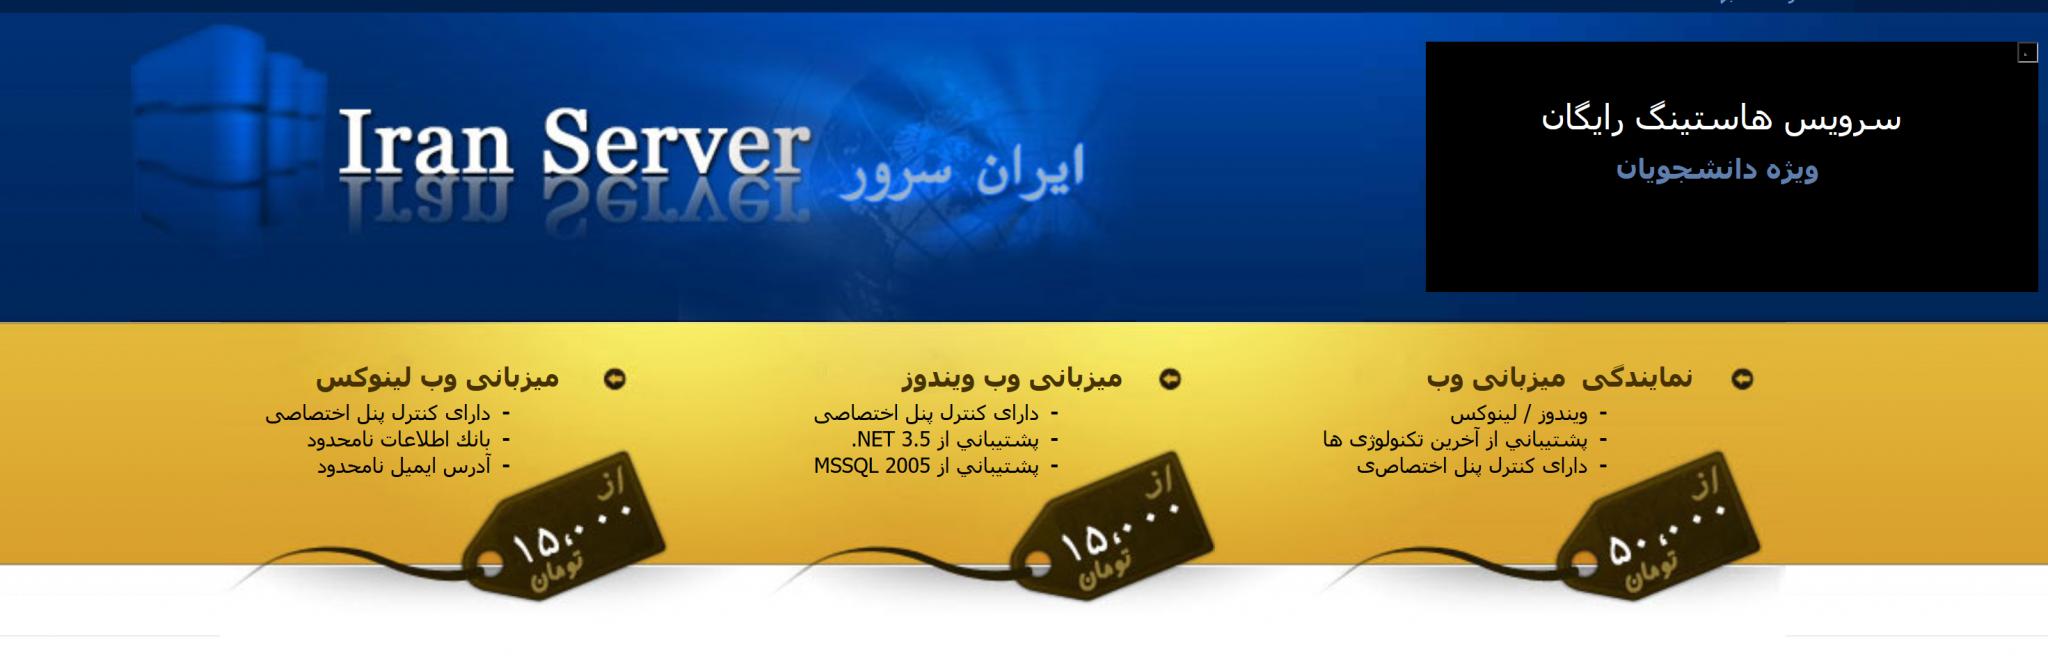 صفحه اصلی ایران سرور